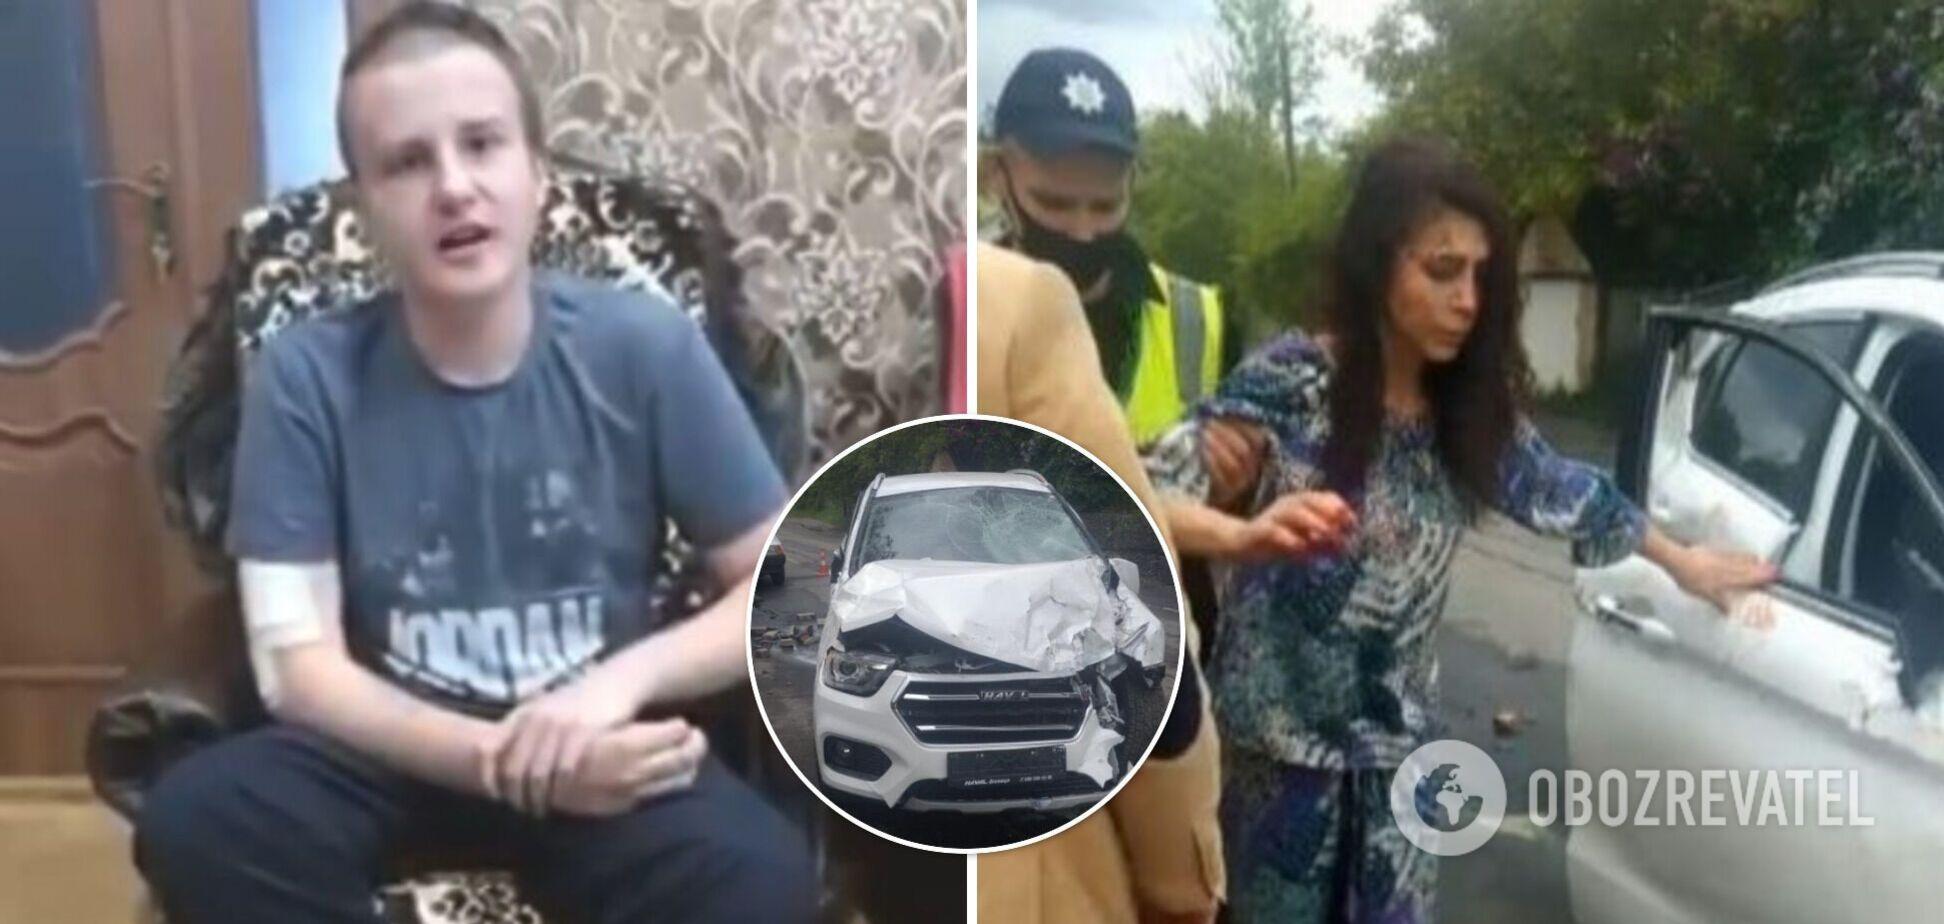 Мальчика, которого в Виннице сбила пьяная автоледи, выписали из больницы после комы. Подросток записал видеообращение